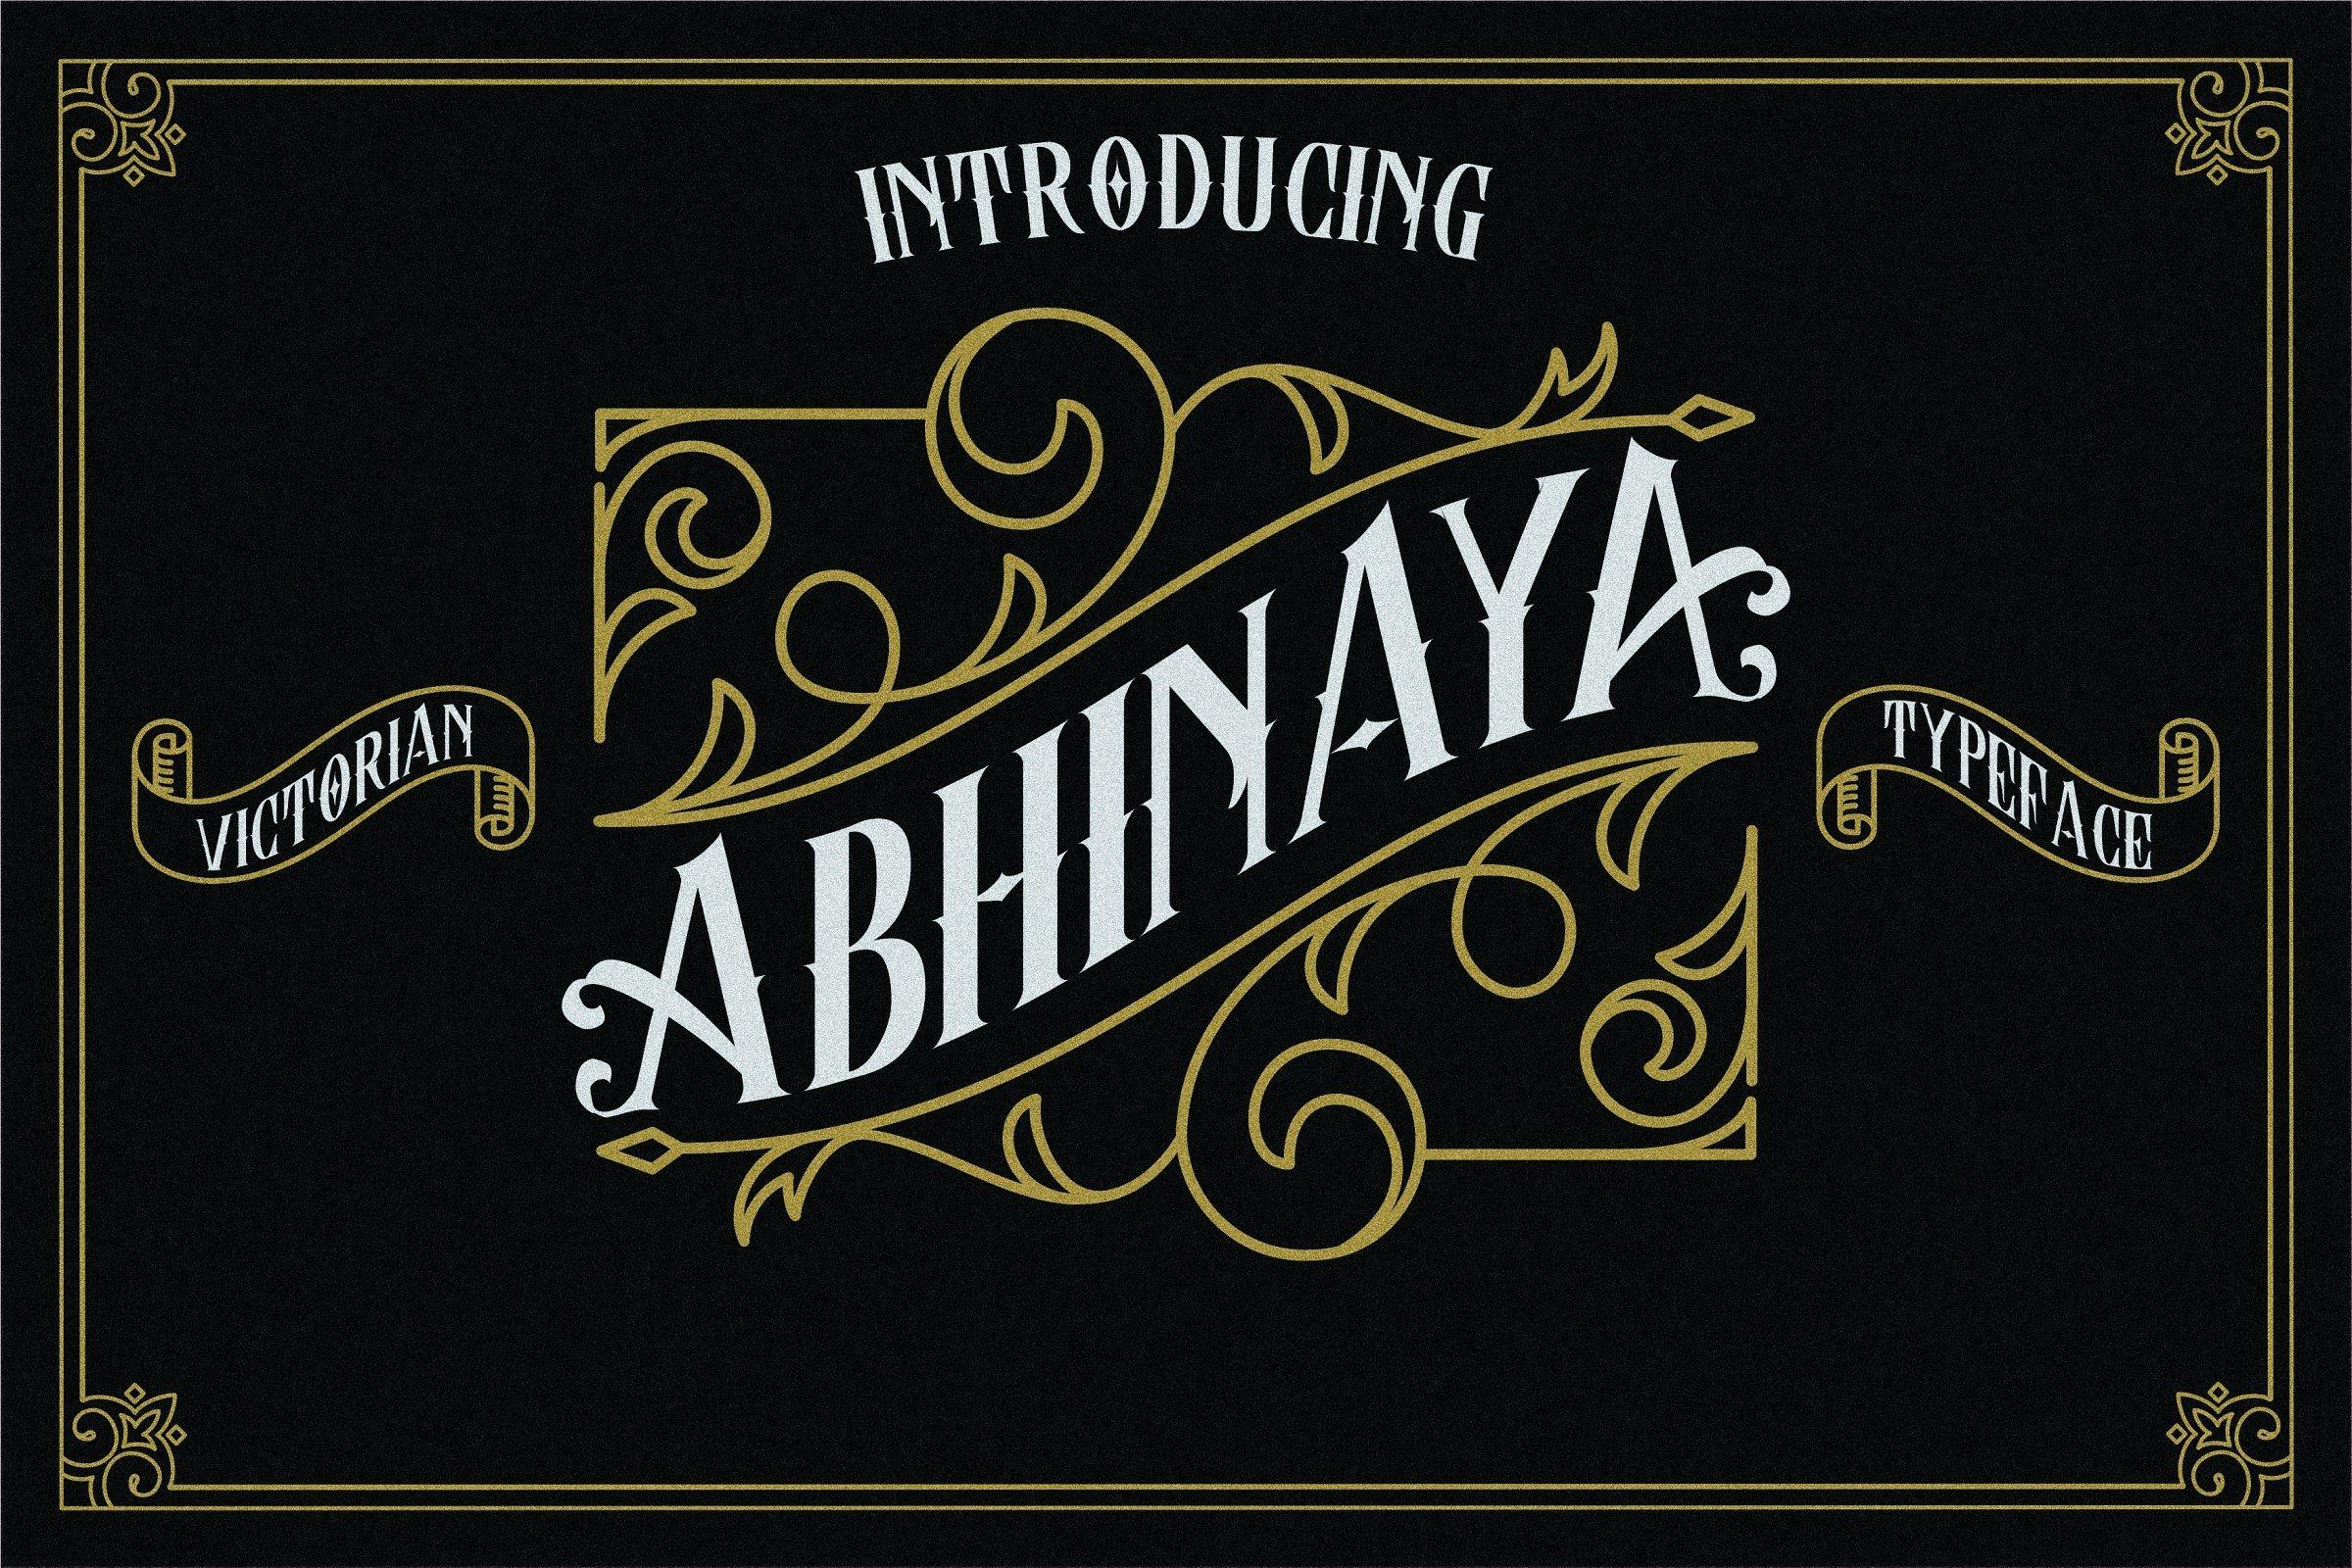 abhinaya-typeface